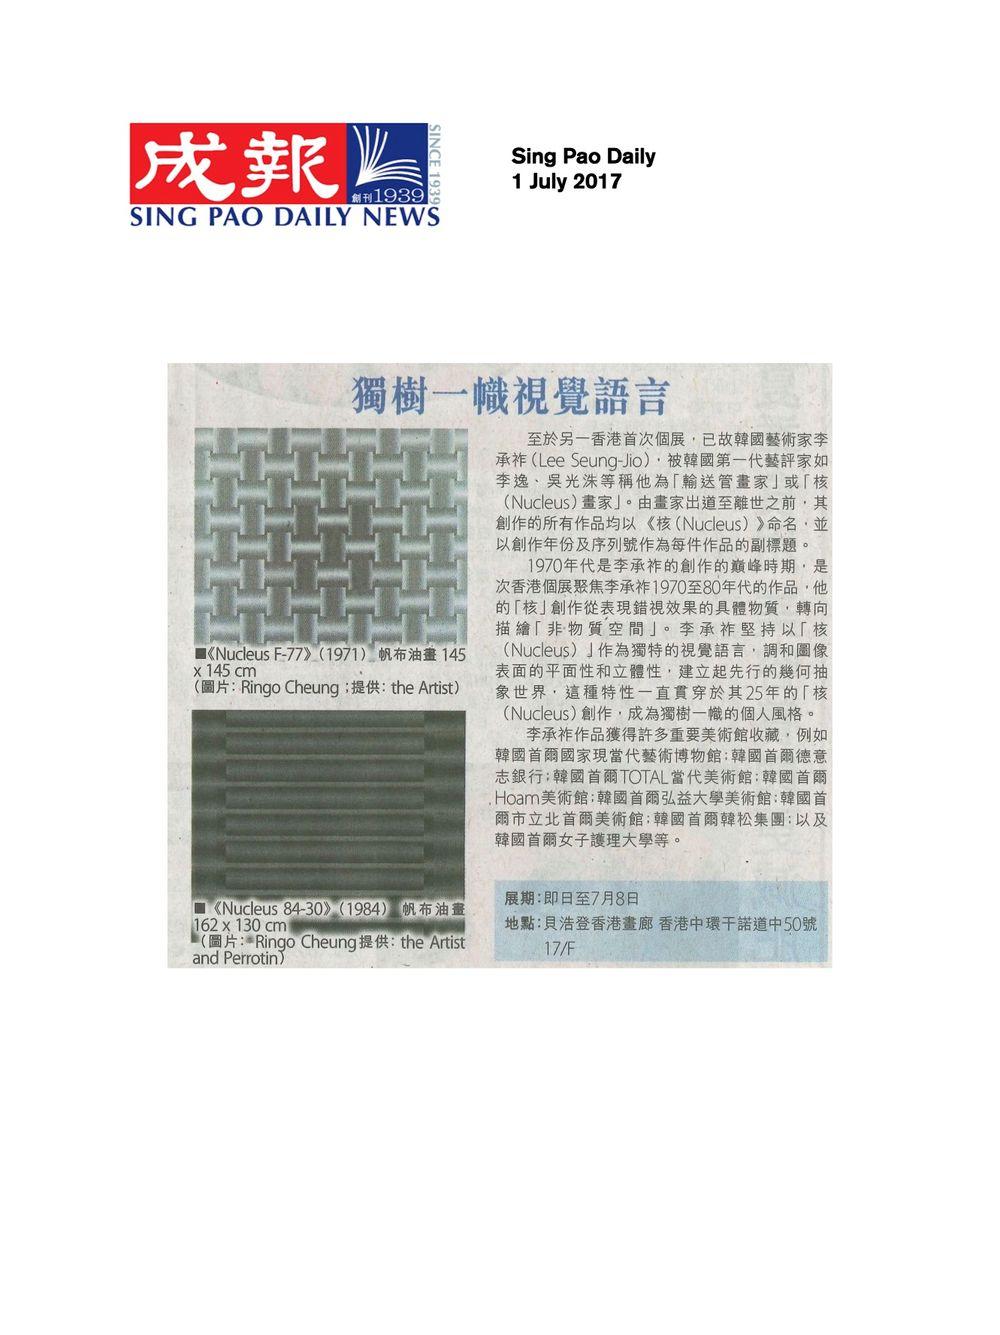 Sing Pao Daily News | PERROTIN